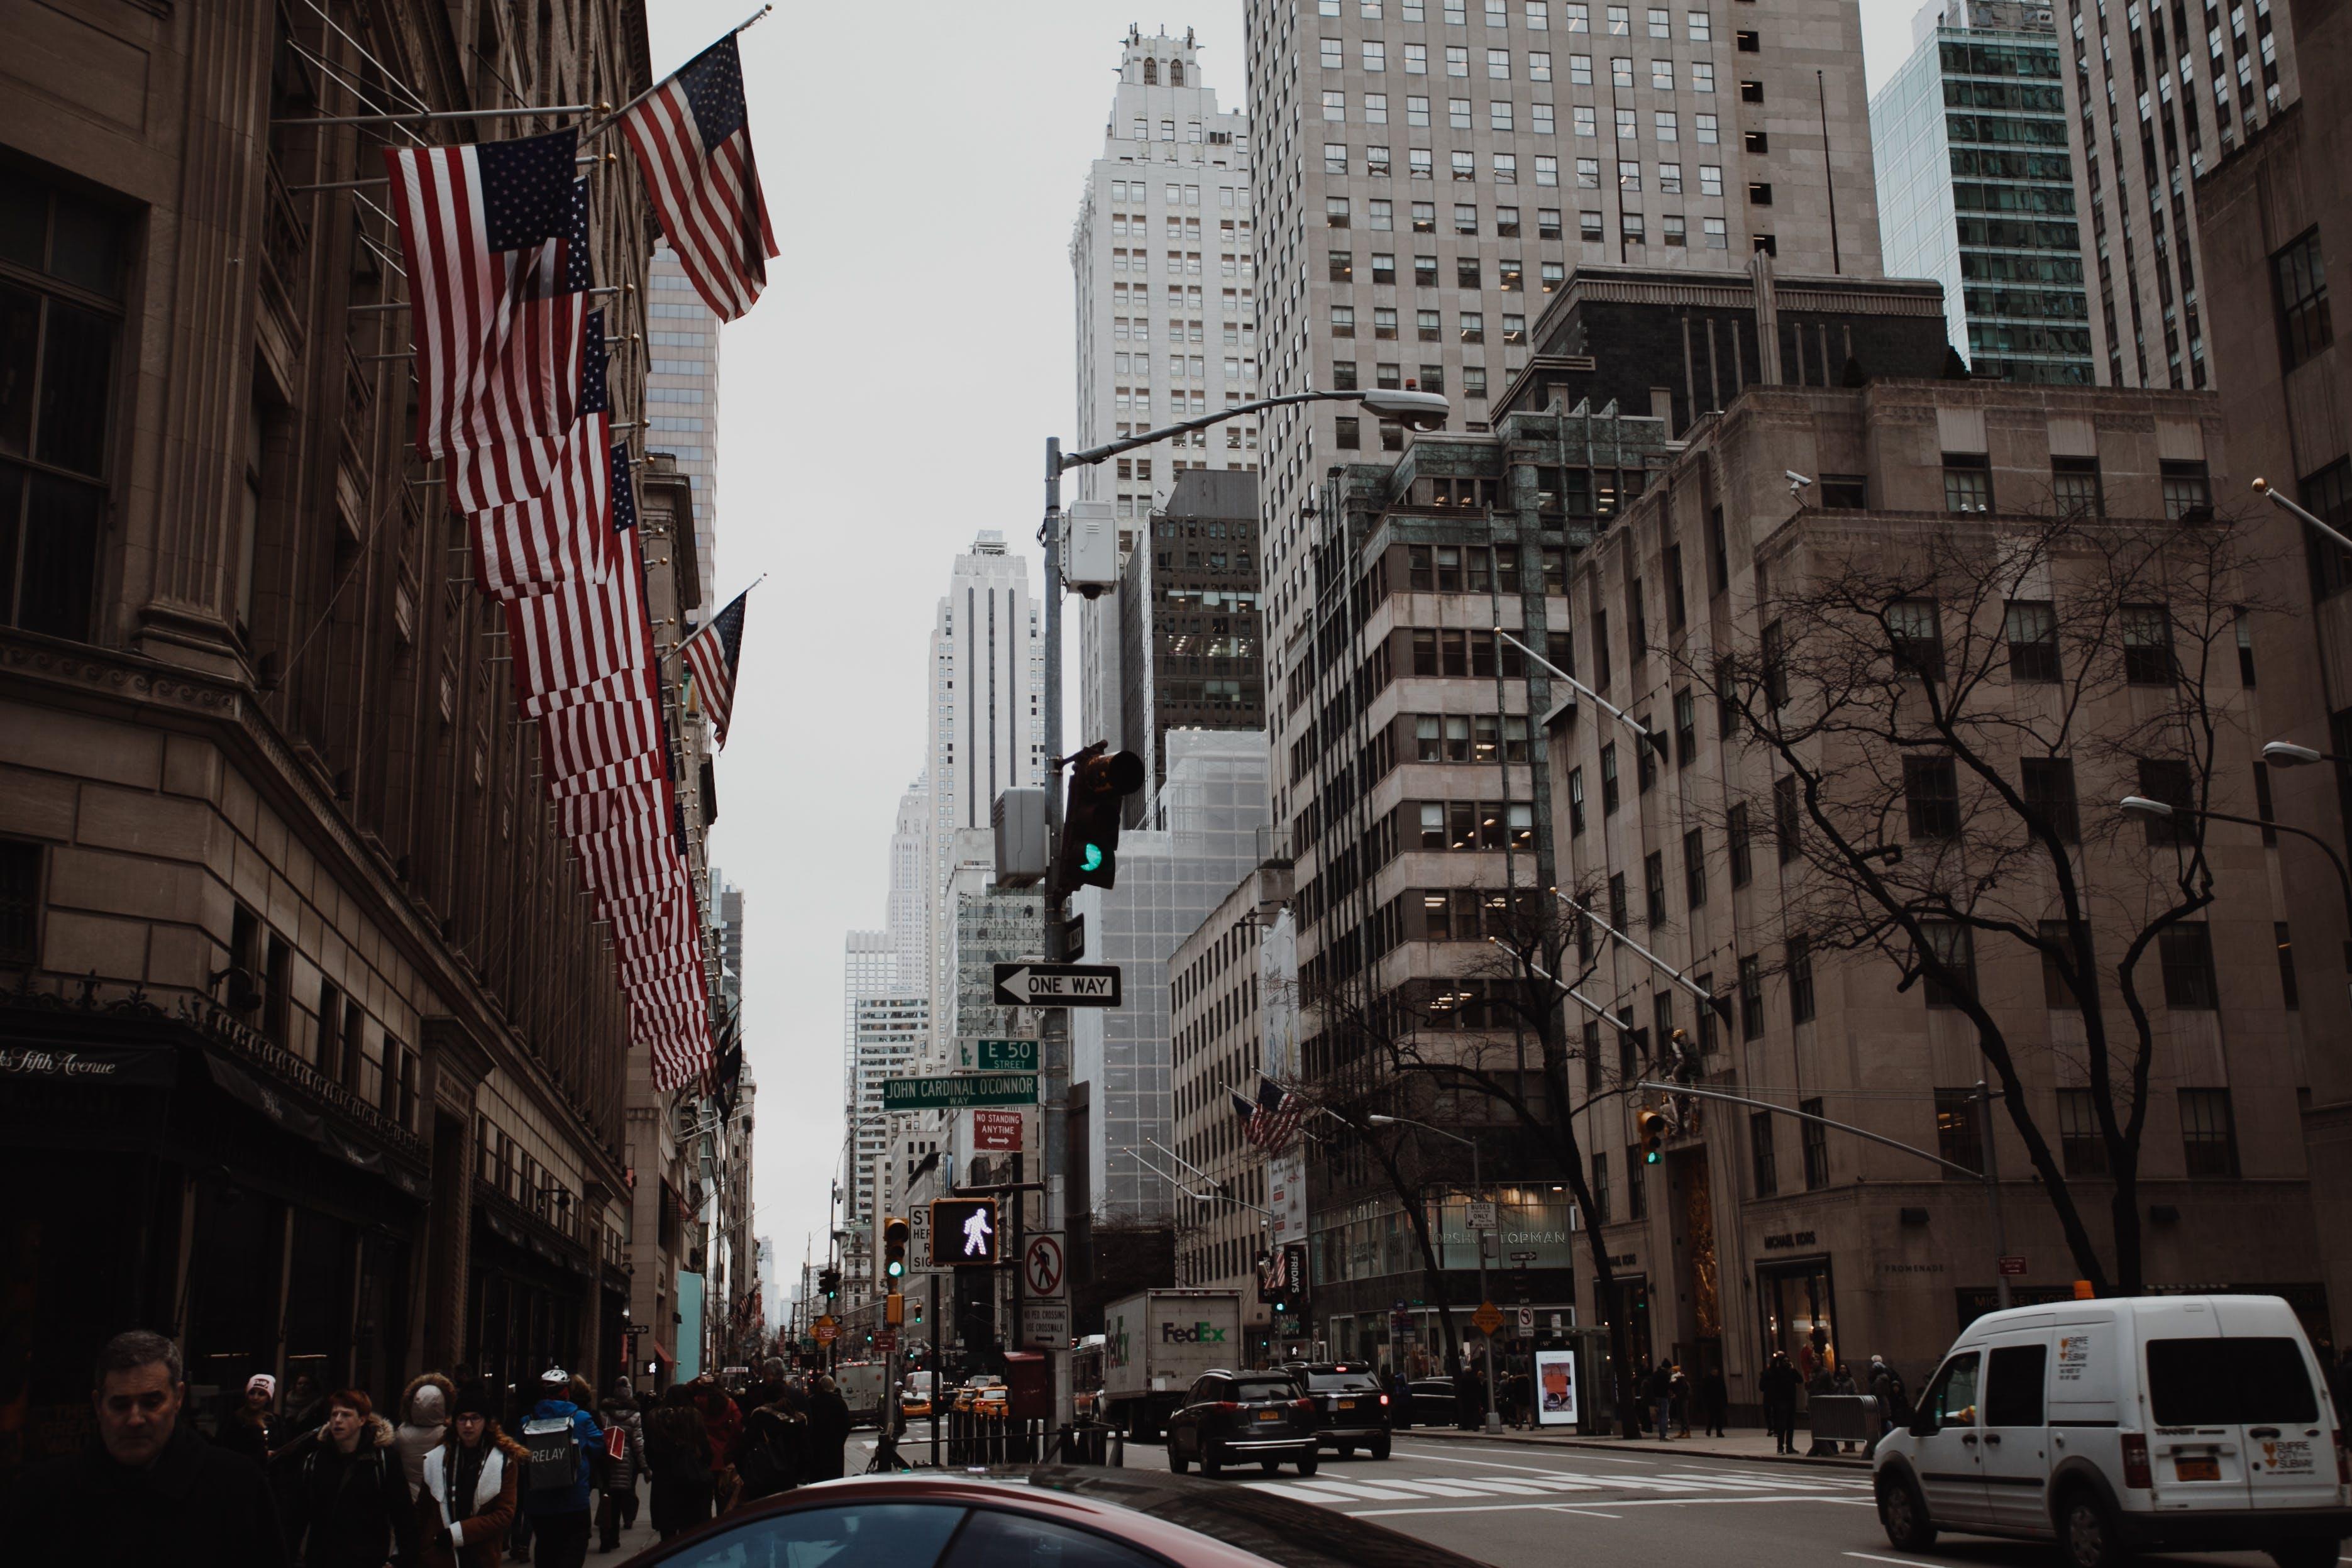 Kostnadsfri bild av Amerikanska flaggor, arkitektur, bilar, byggnader